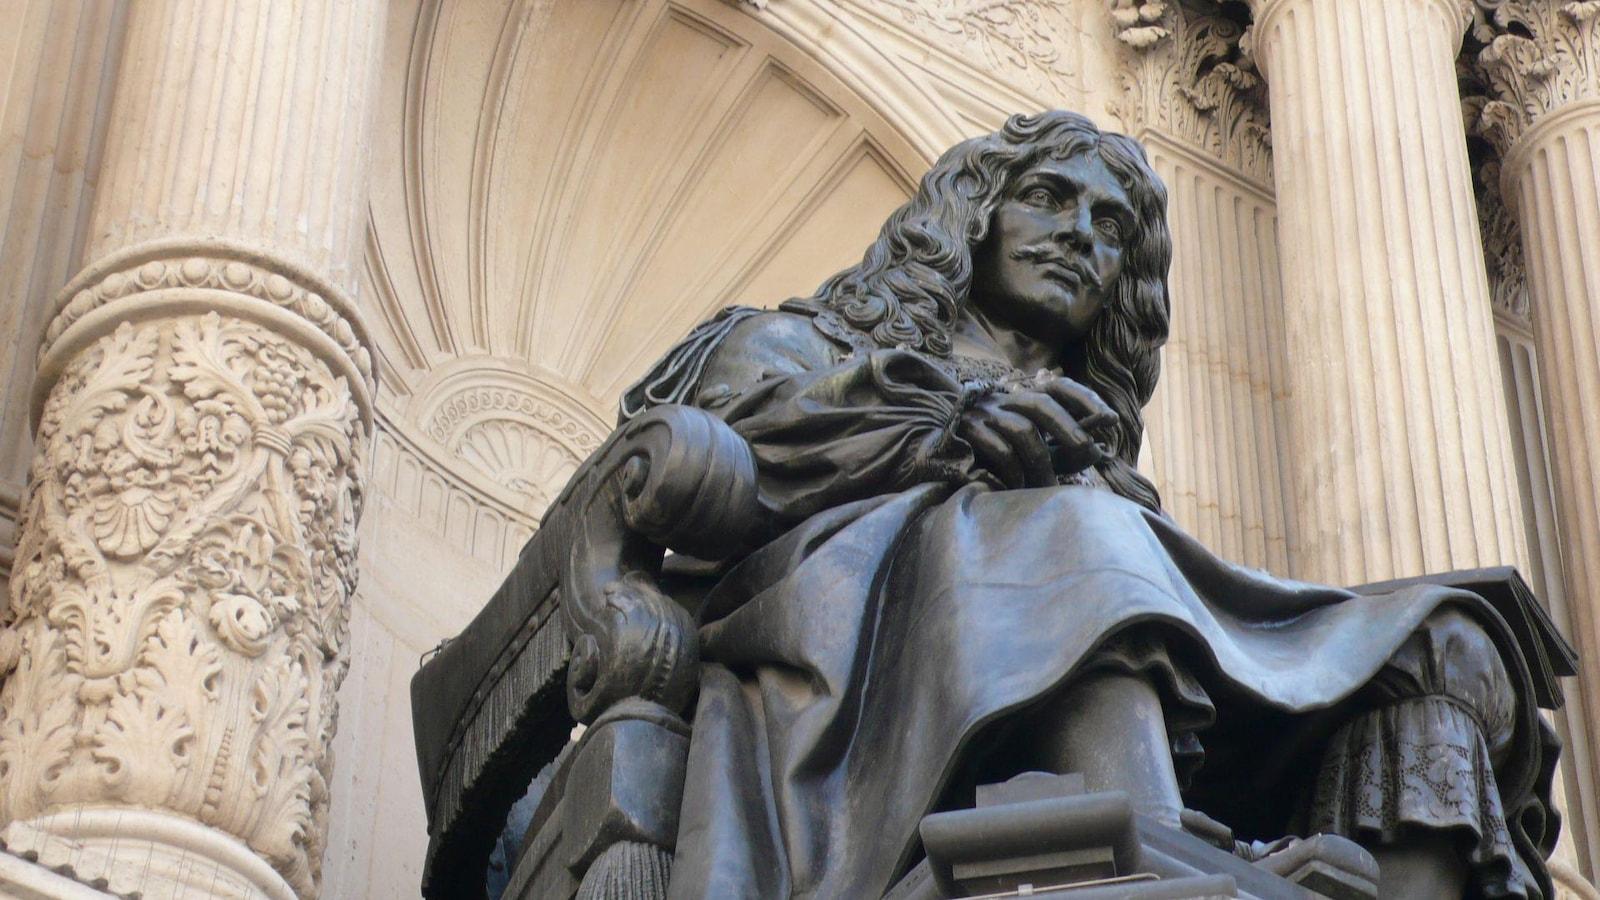 L'auteur de théâtre / dramaturge en statue en France